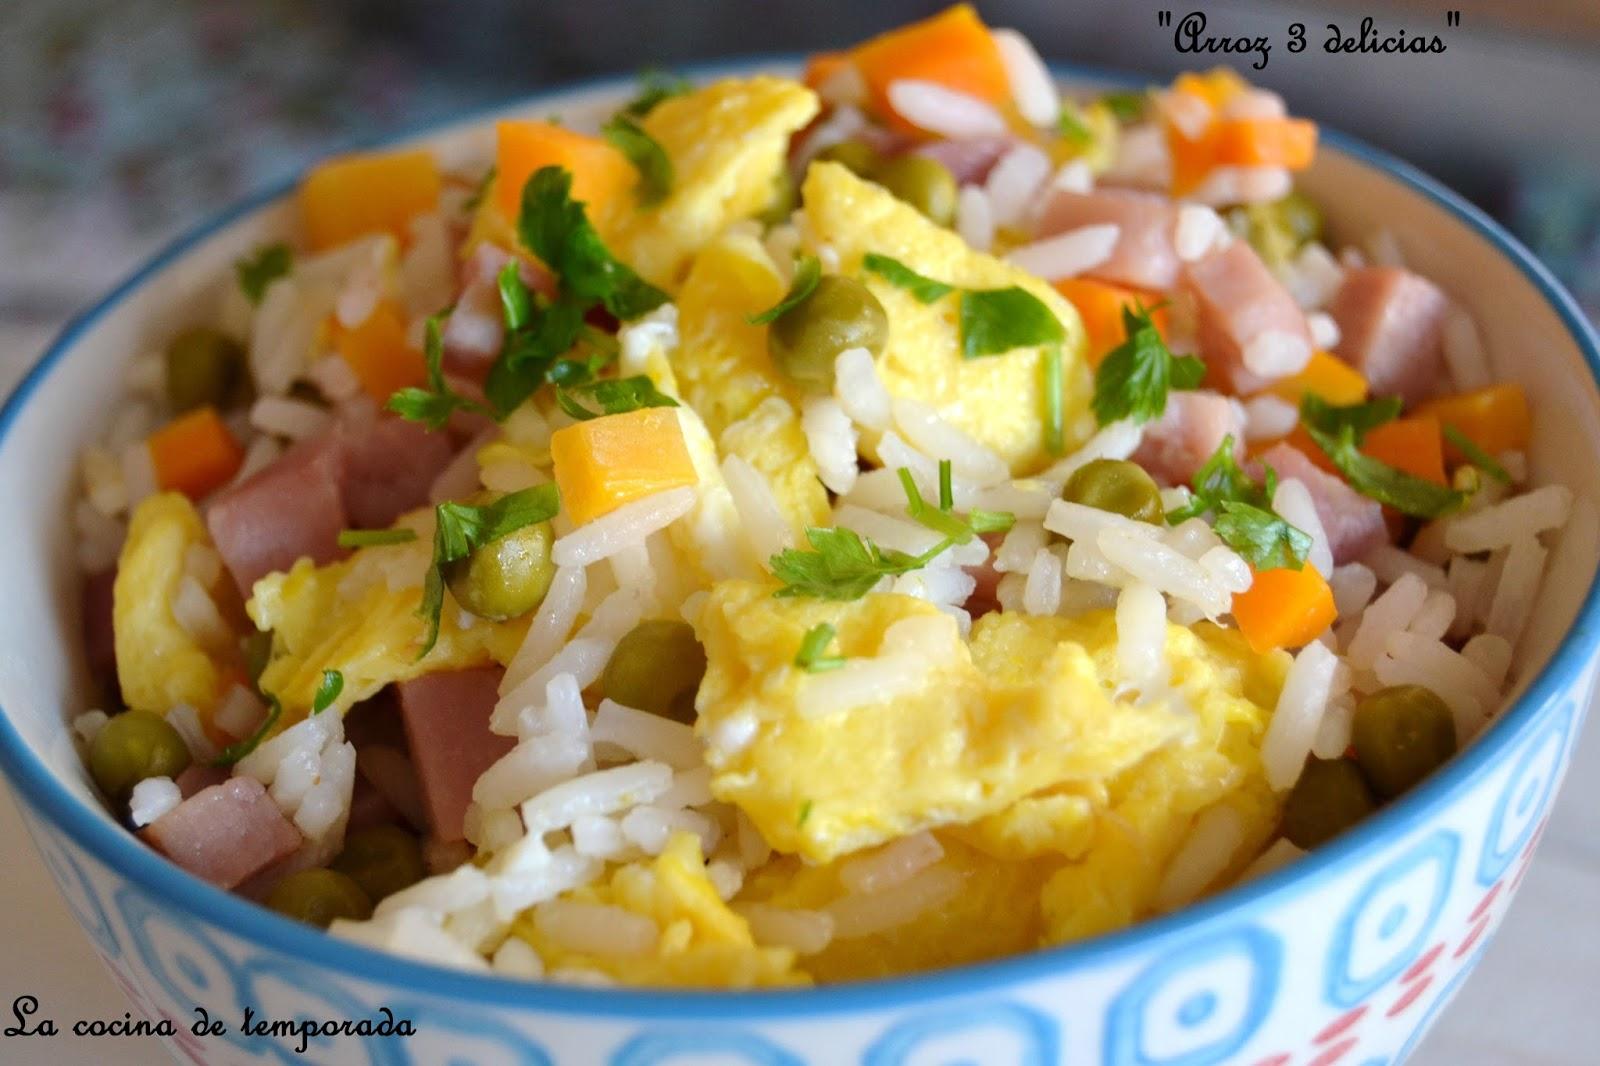 La cocina de temporada arroz 3 delicias for Cocinar arroz 3 delicias